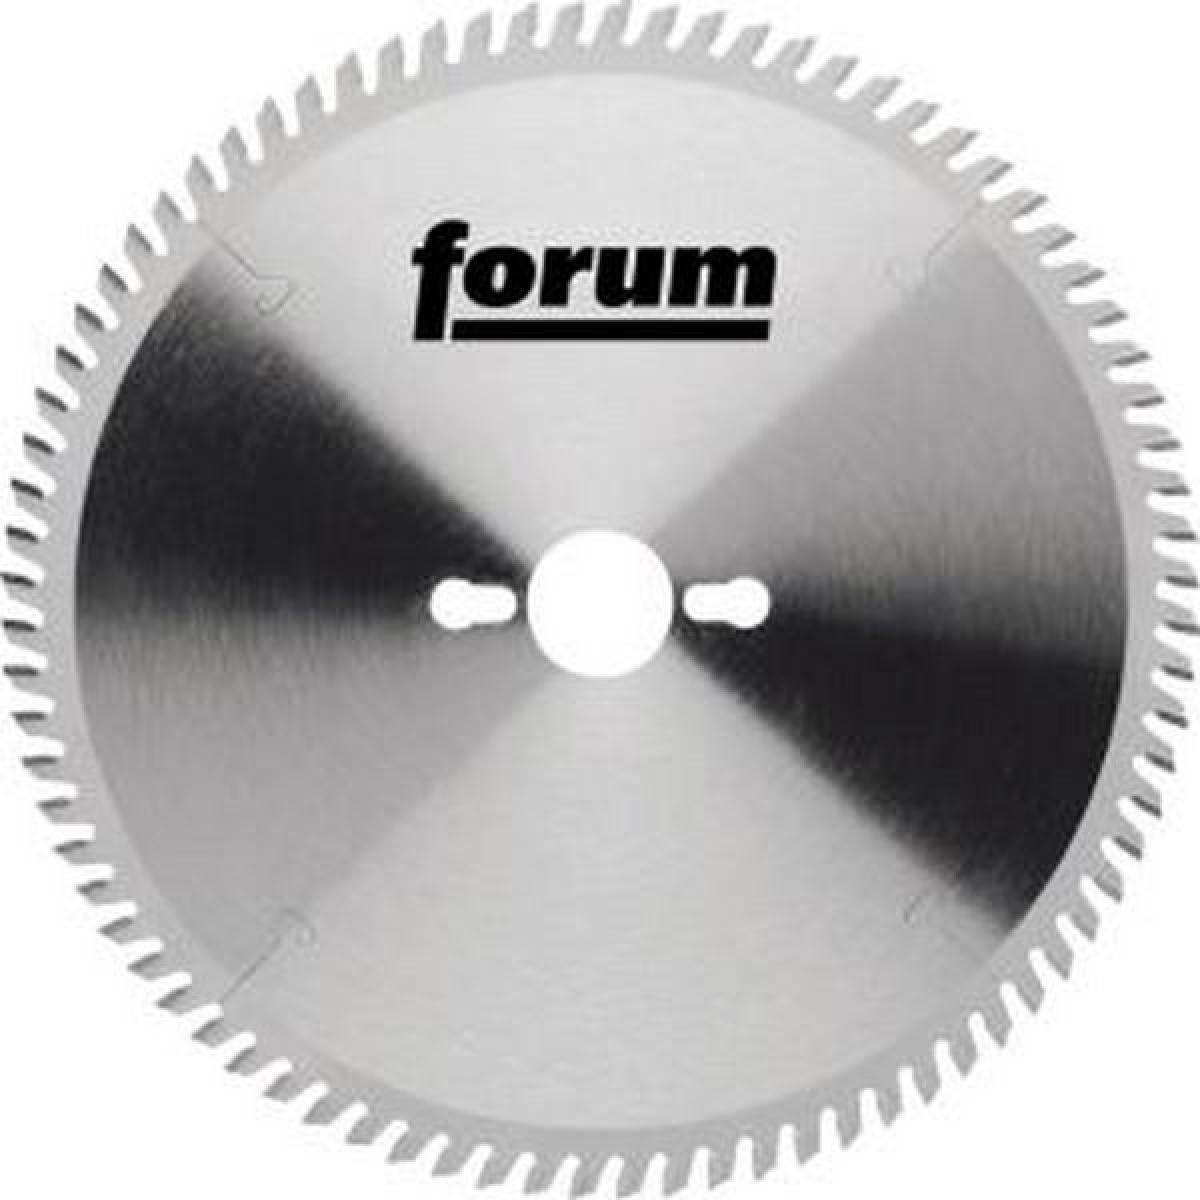 Forum Lame de scie circulaire, Ø : 150 mm, Larg. : 2,8 mm, Alésage 20 mm, Perçages secondaires : 2KN, Dents : 48